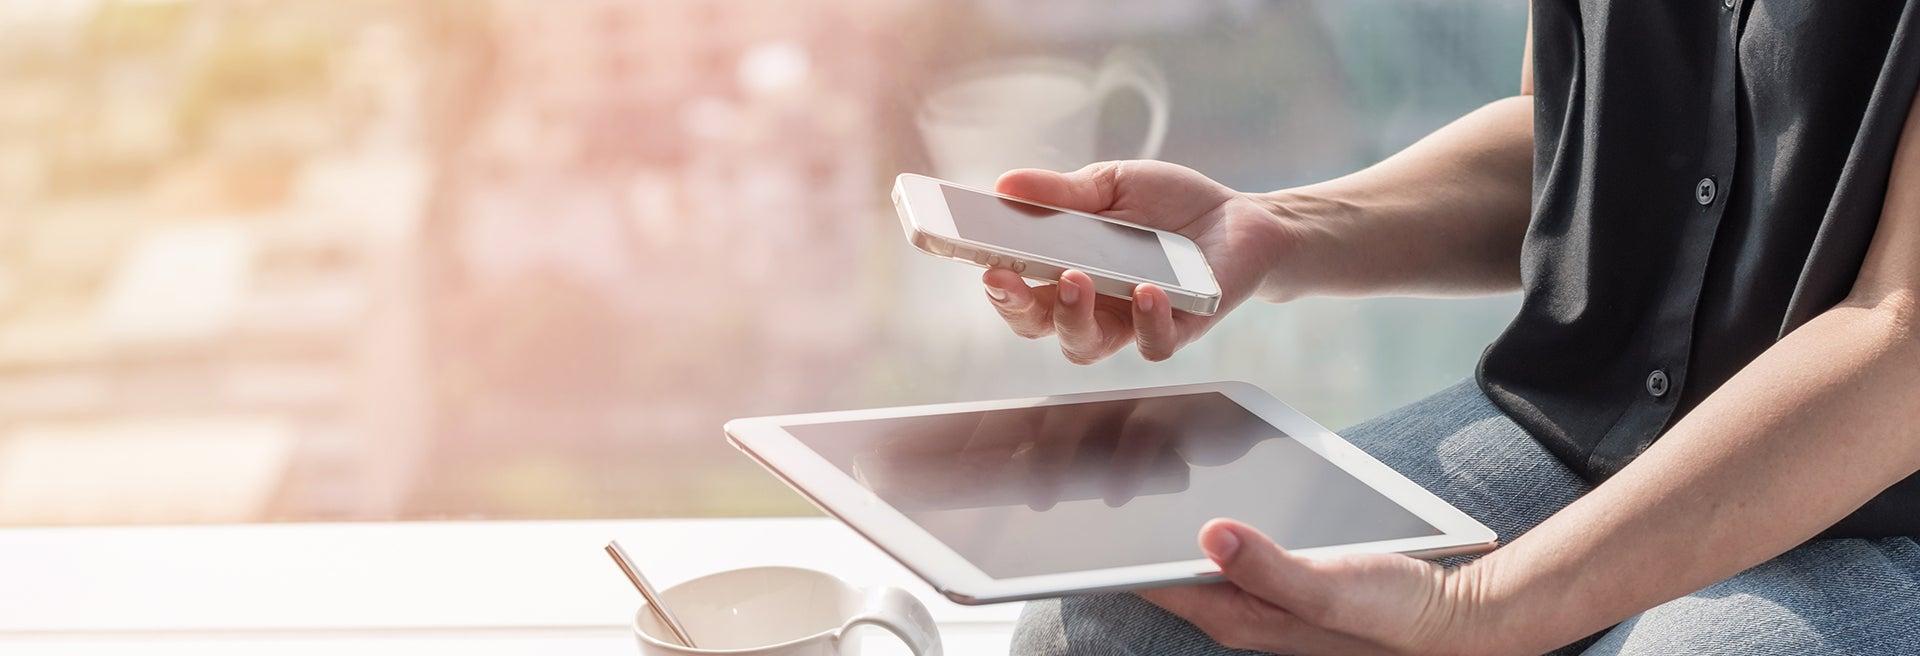 Frau sitzt auf einem Schreibtisch und hält ein Smartphone sowie Tablet in der Hand